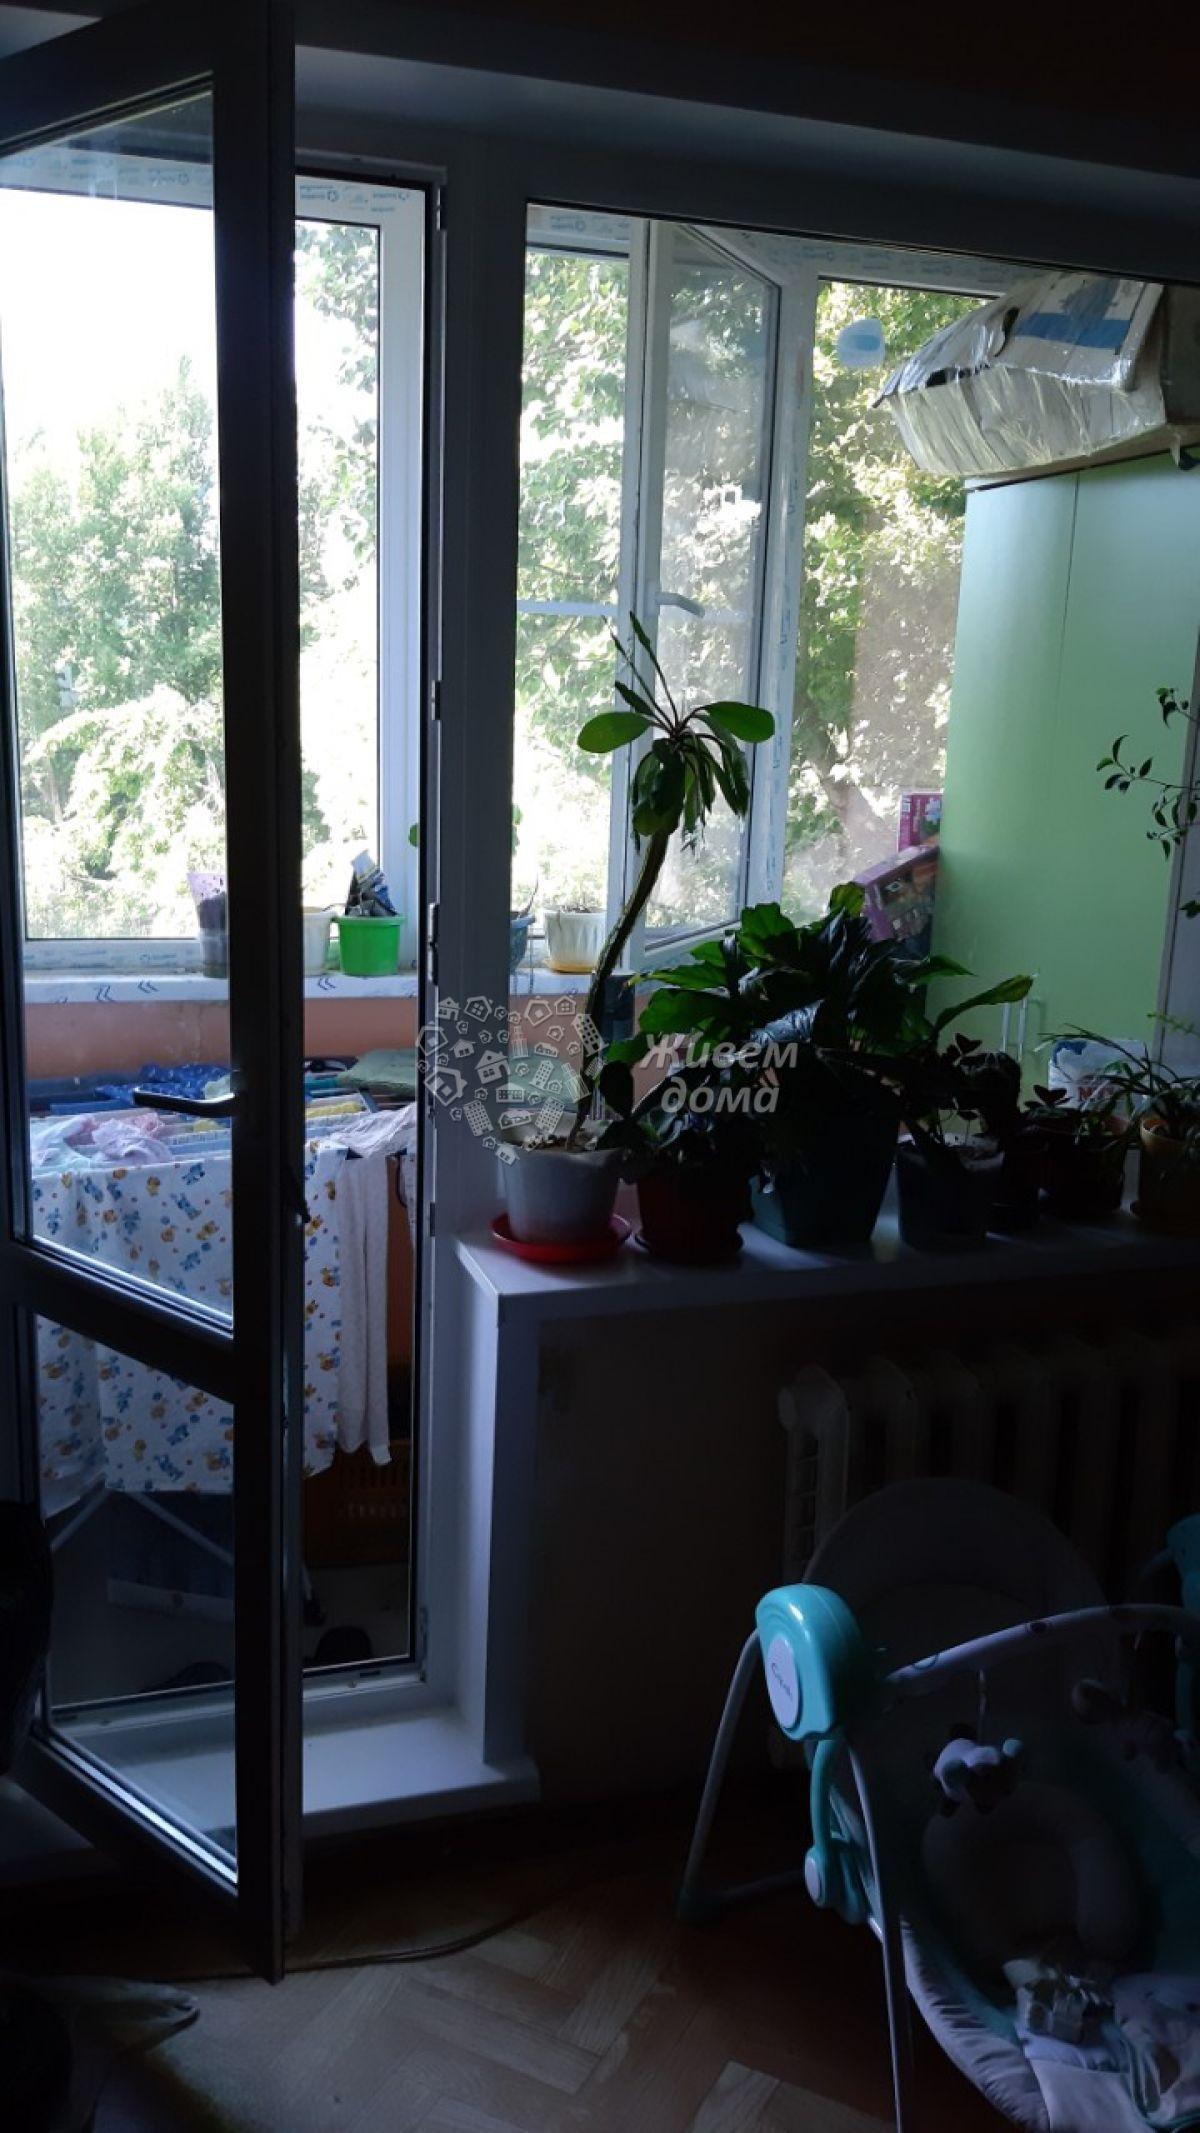 Продам 3-комн. квартиру, Волгоградская область, Волгоград, Дзержинский, 51 Гвардейской ул, 63